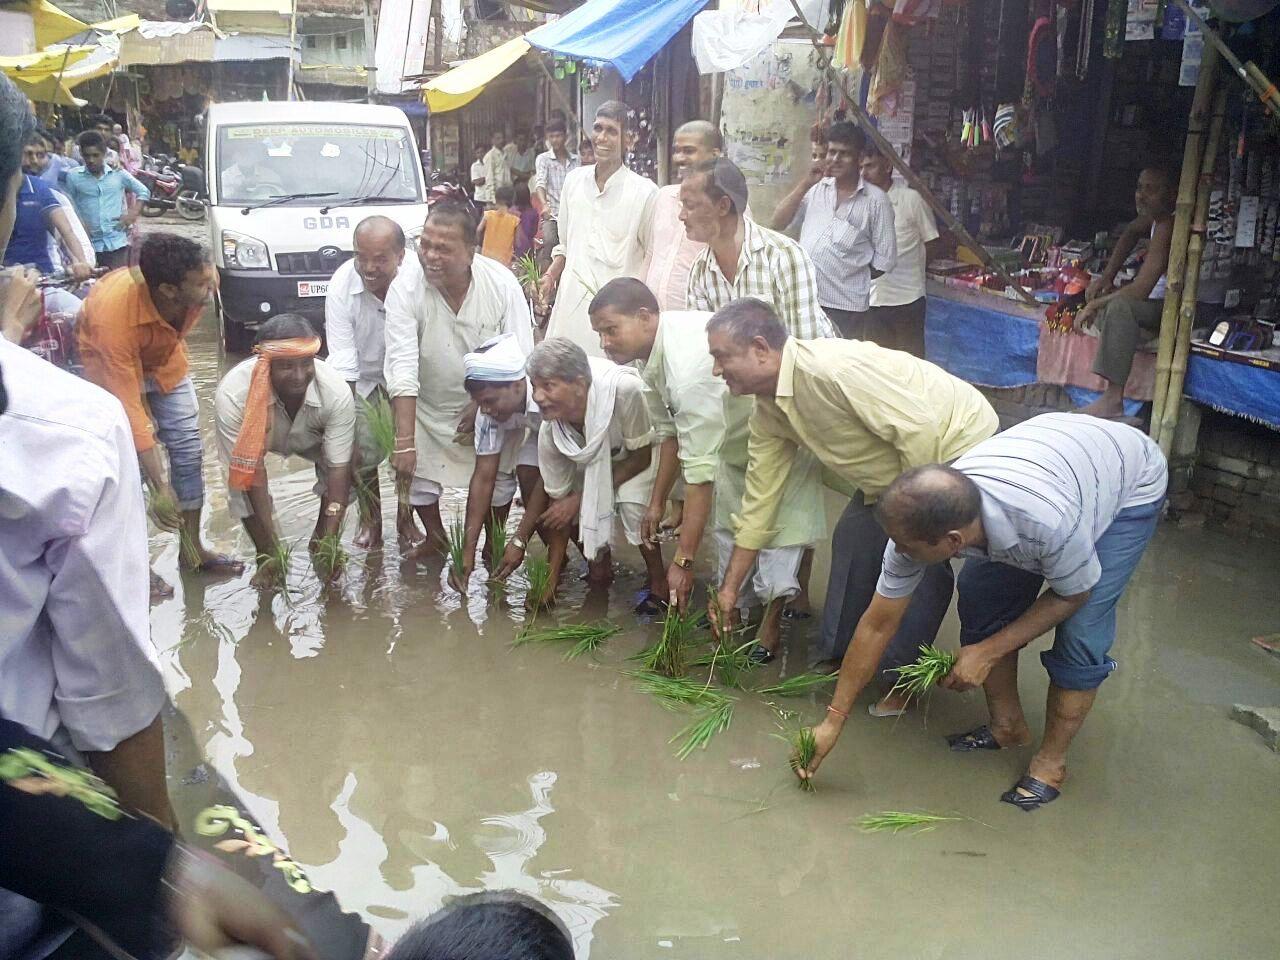 जल्पा मंदिर के सामने सड़क पर जलजमाव में धान रोप कर विरोध जताते भाजपाई